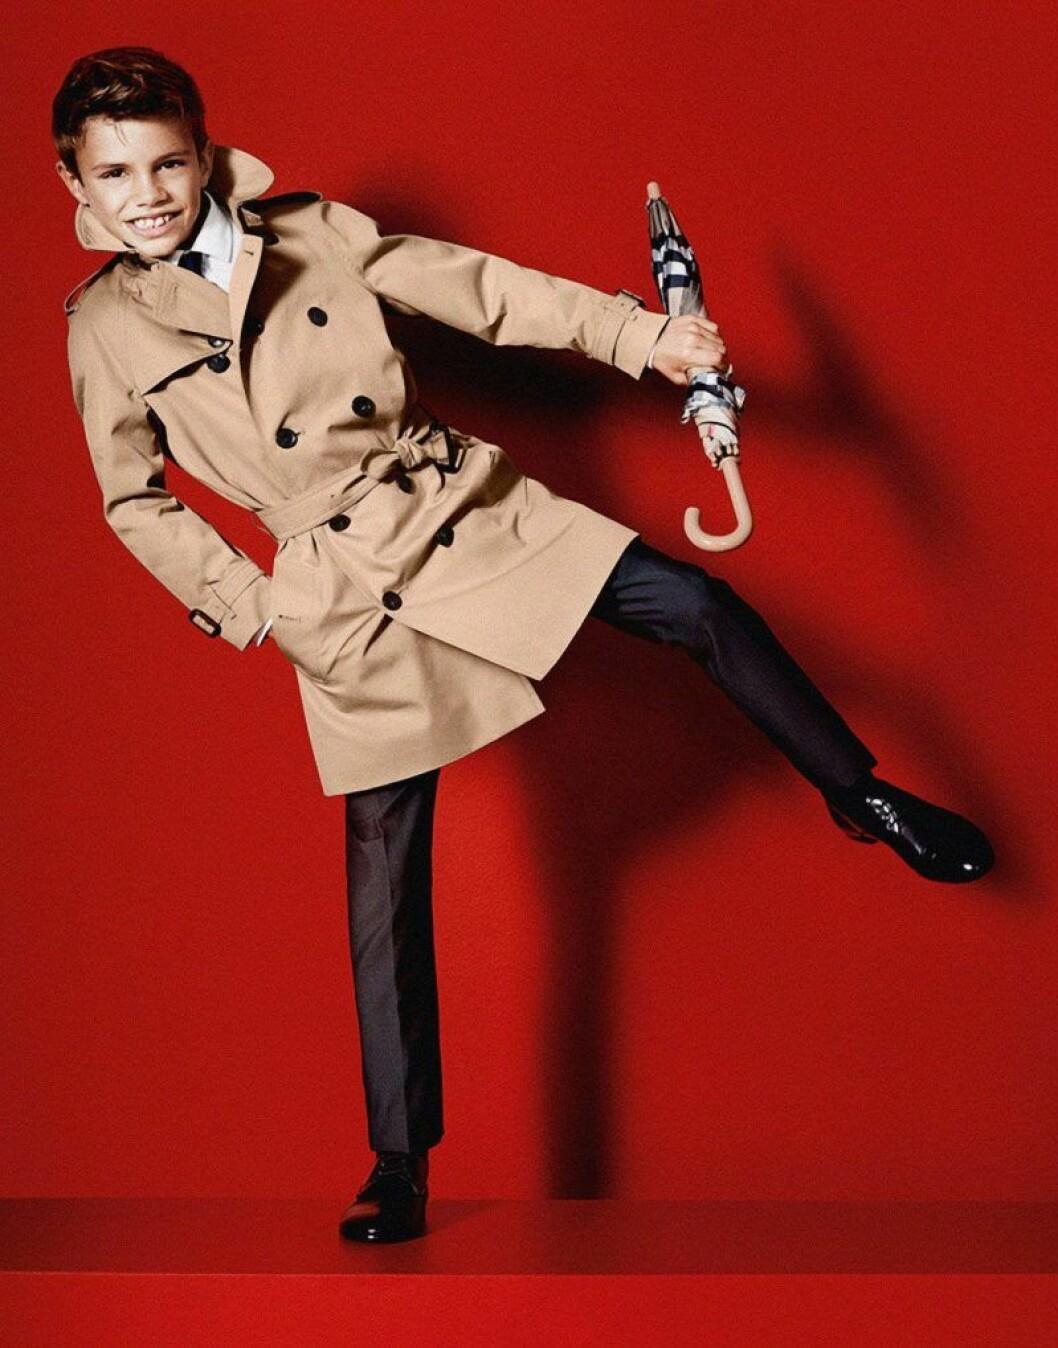 Romeo Beckham i beige kappa och paraply framför en röd bakgrund